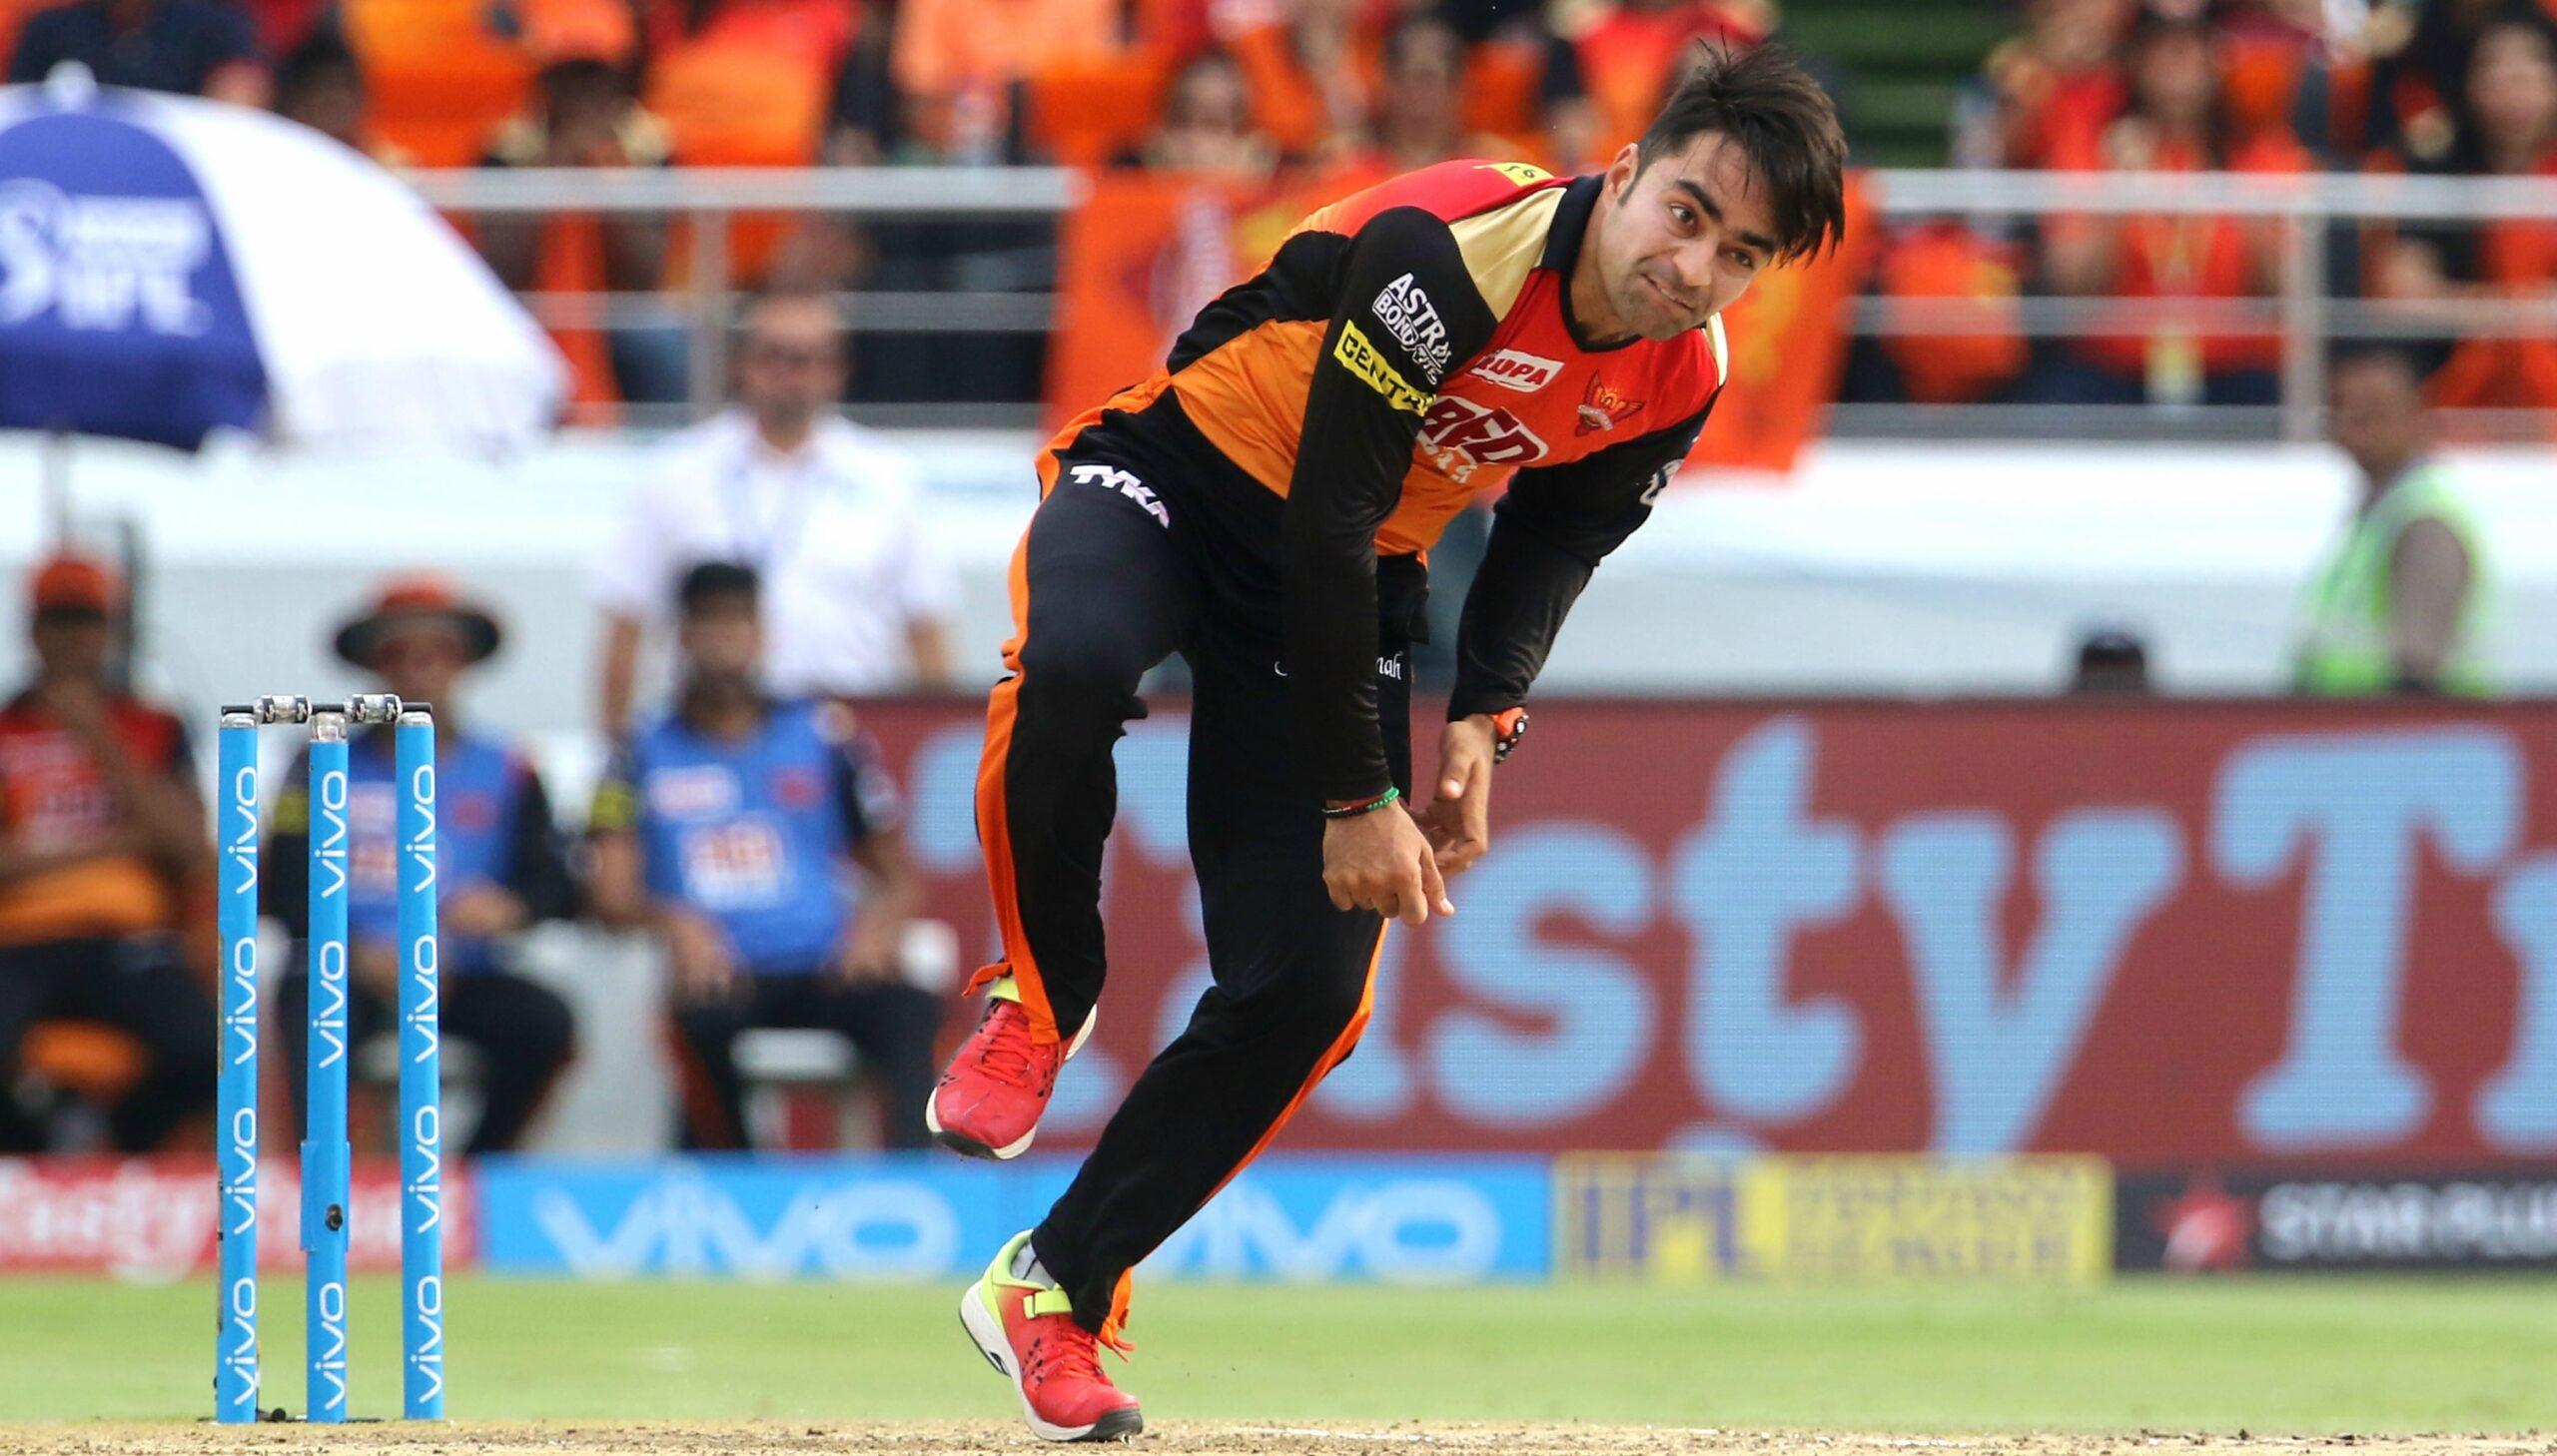 IPL 2020 : मैन ऑफ द मैच बने राशिद खान ने खोला अपनी शानदार गेंदबाजी का रहस्य 1